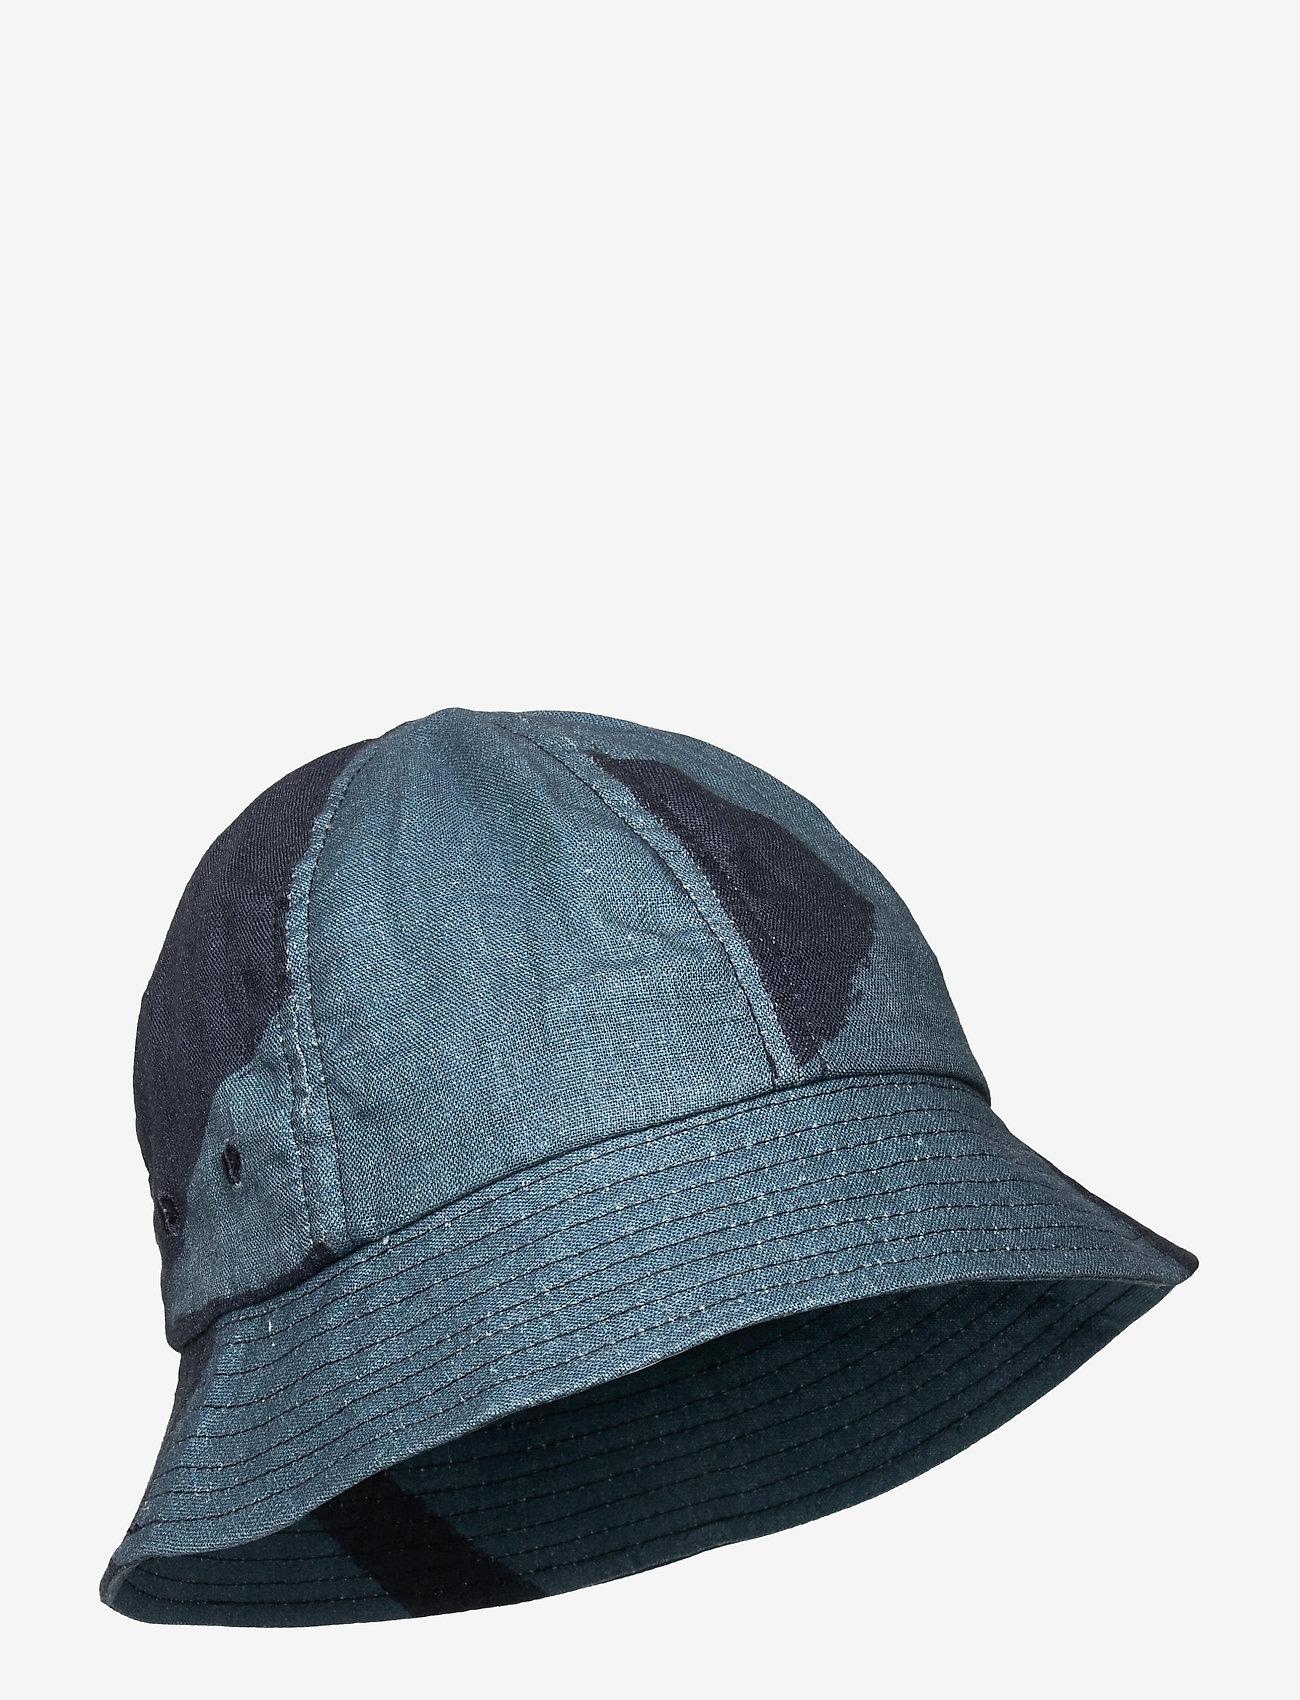 Folk - BUCKET HAT - bonnets & casquettes - border print navy - 0